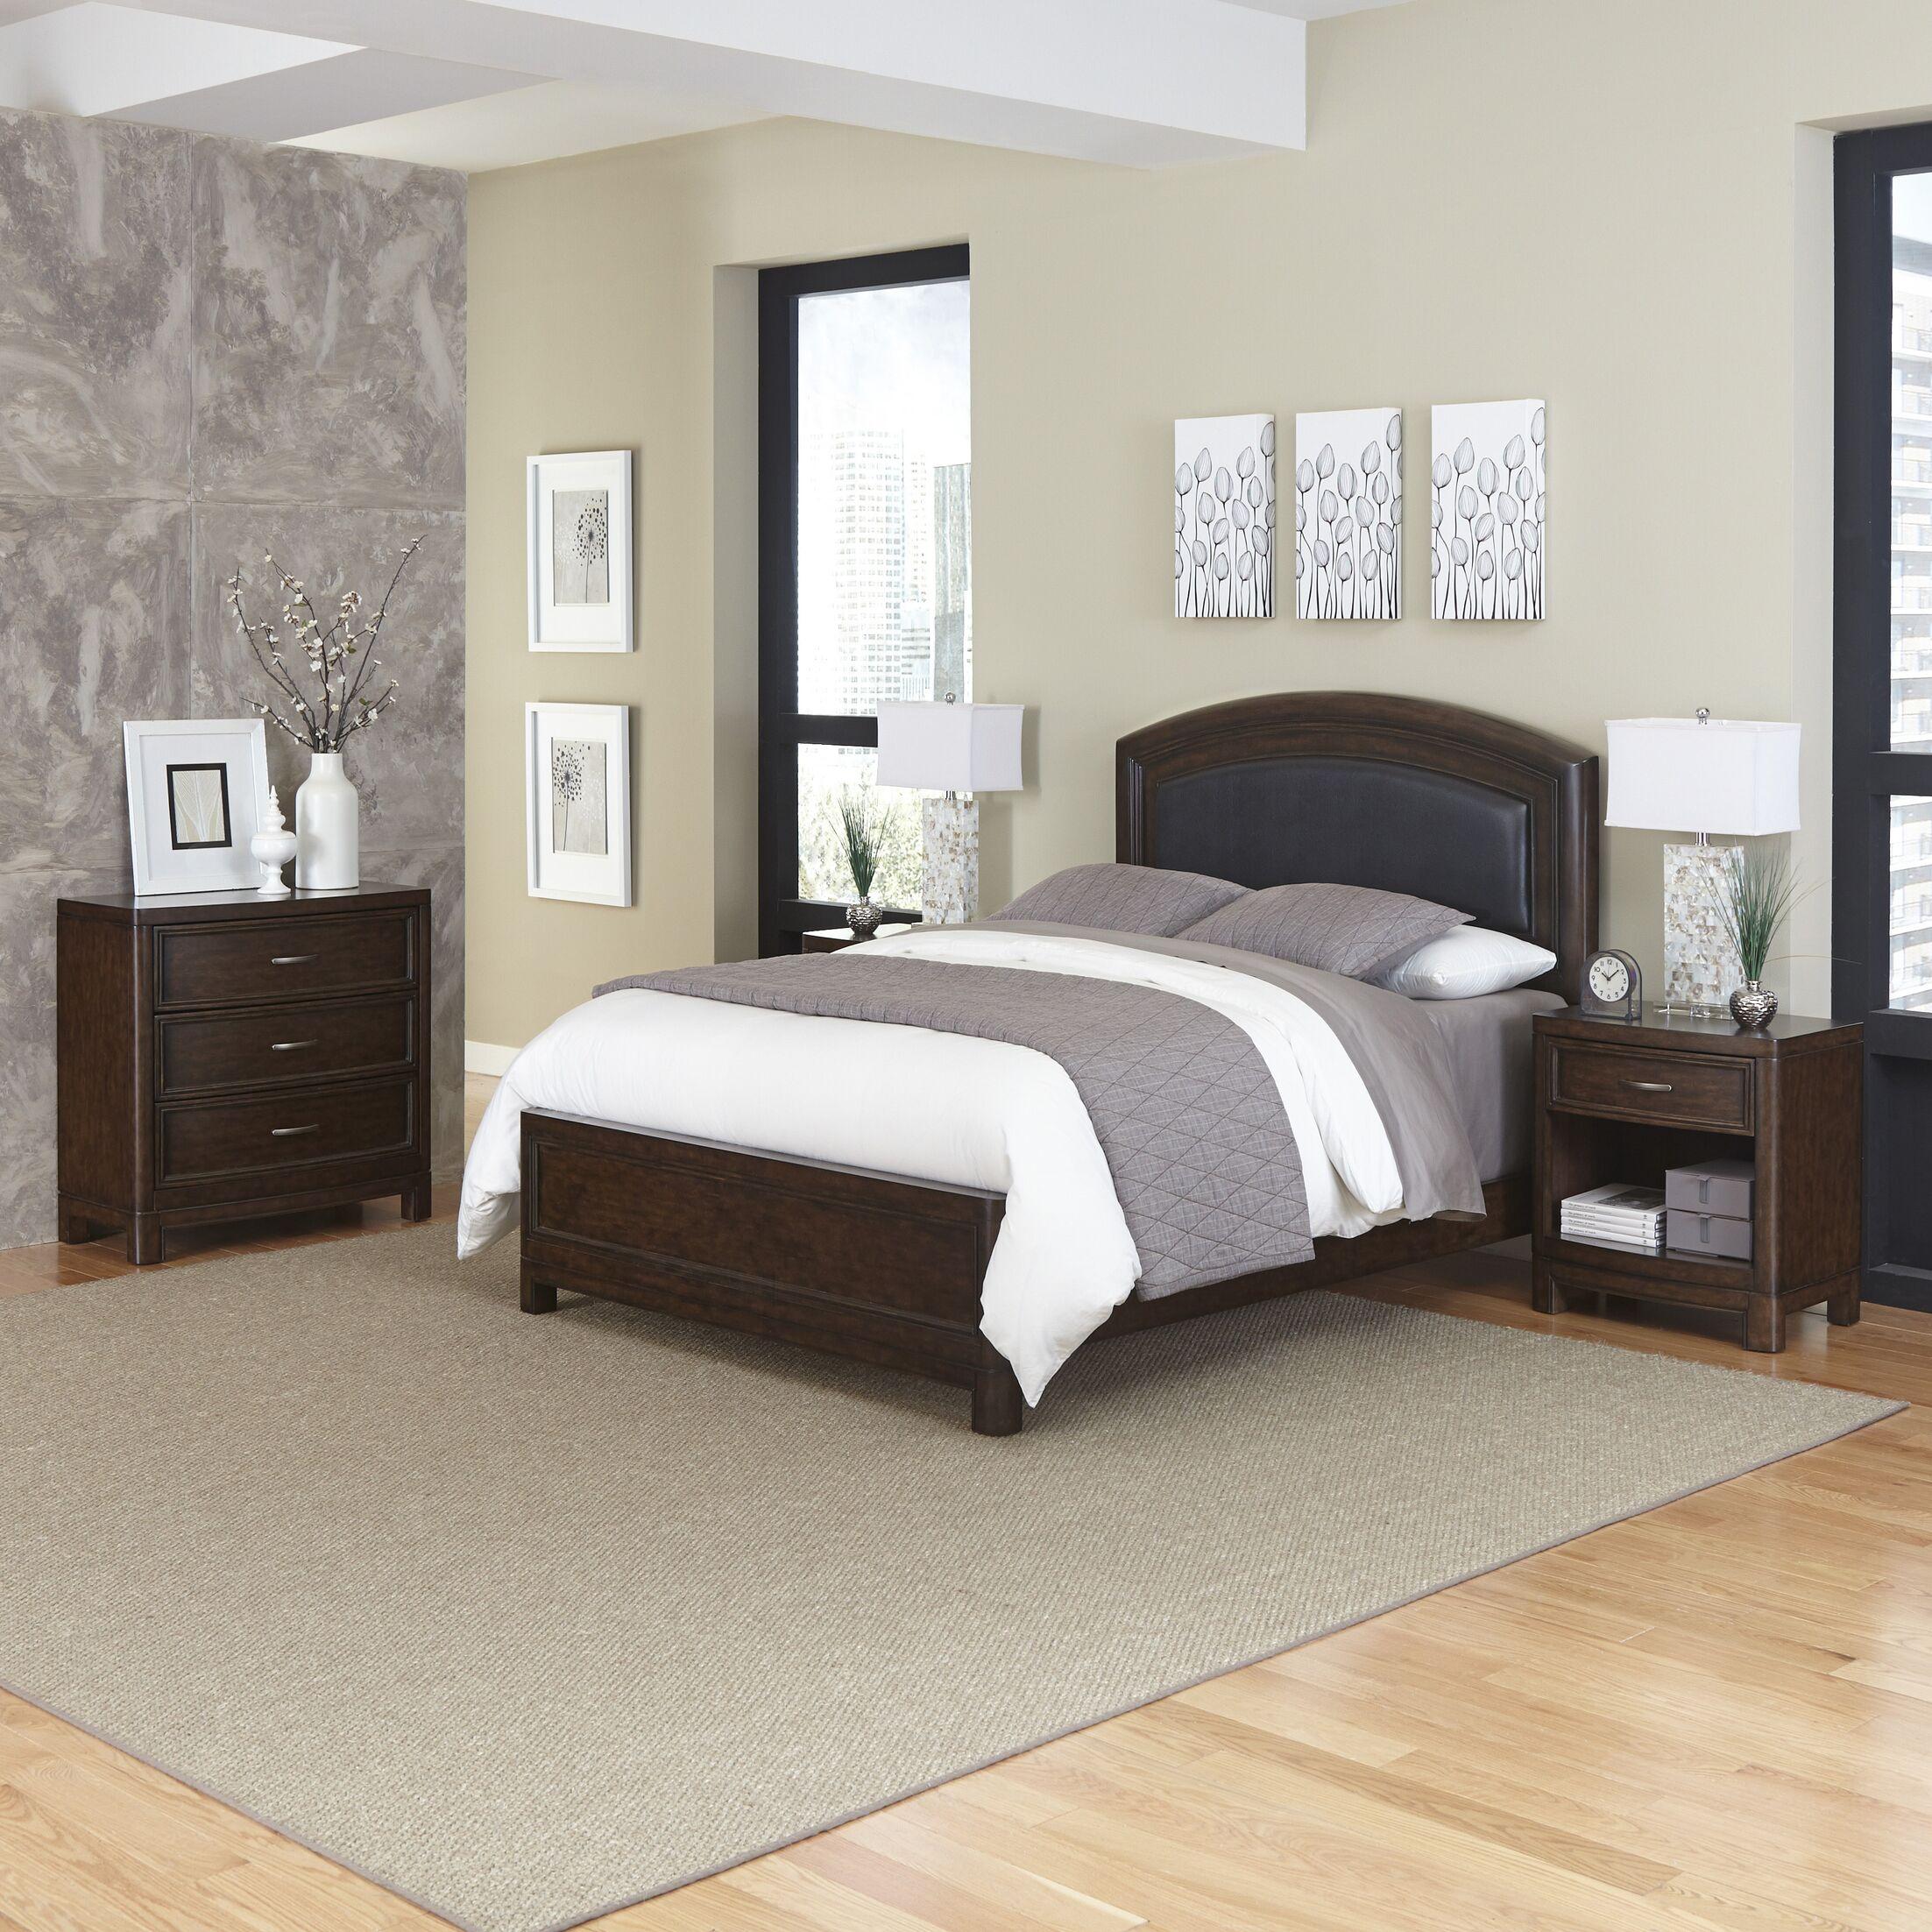 Crescent Hill Panel 4 Piece Bedroom Set Size: Queen